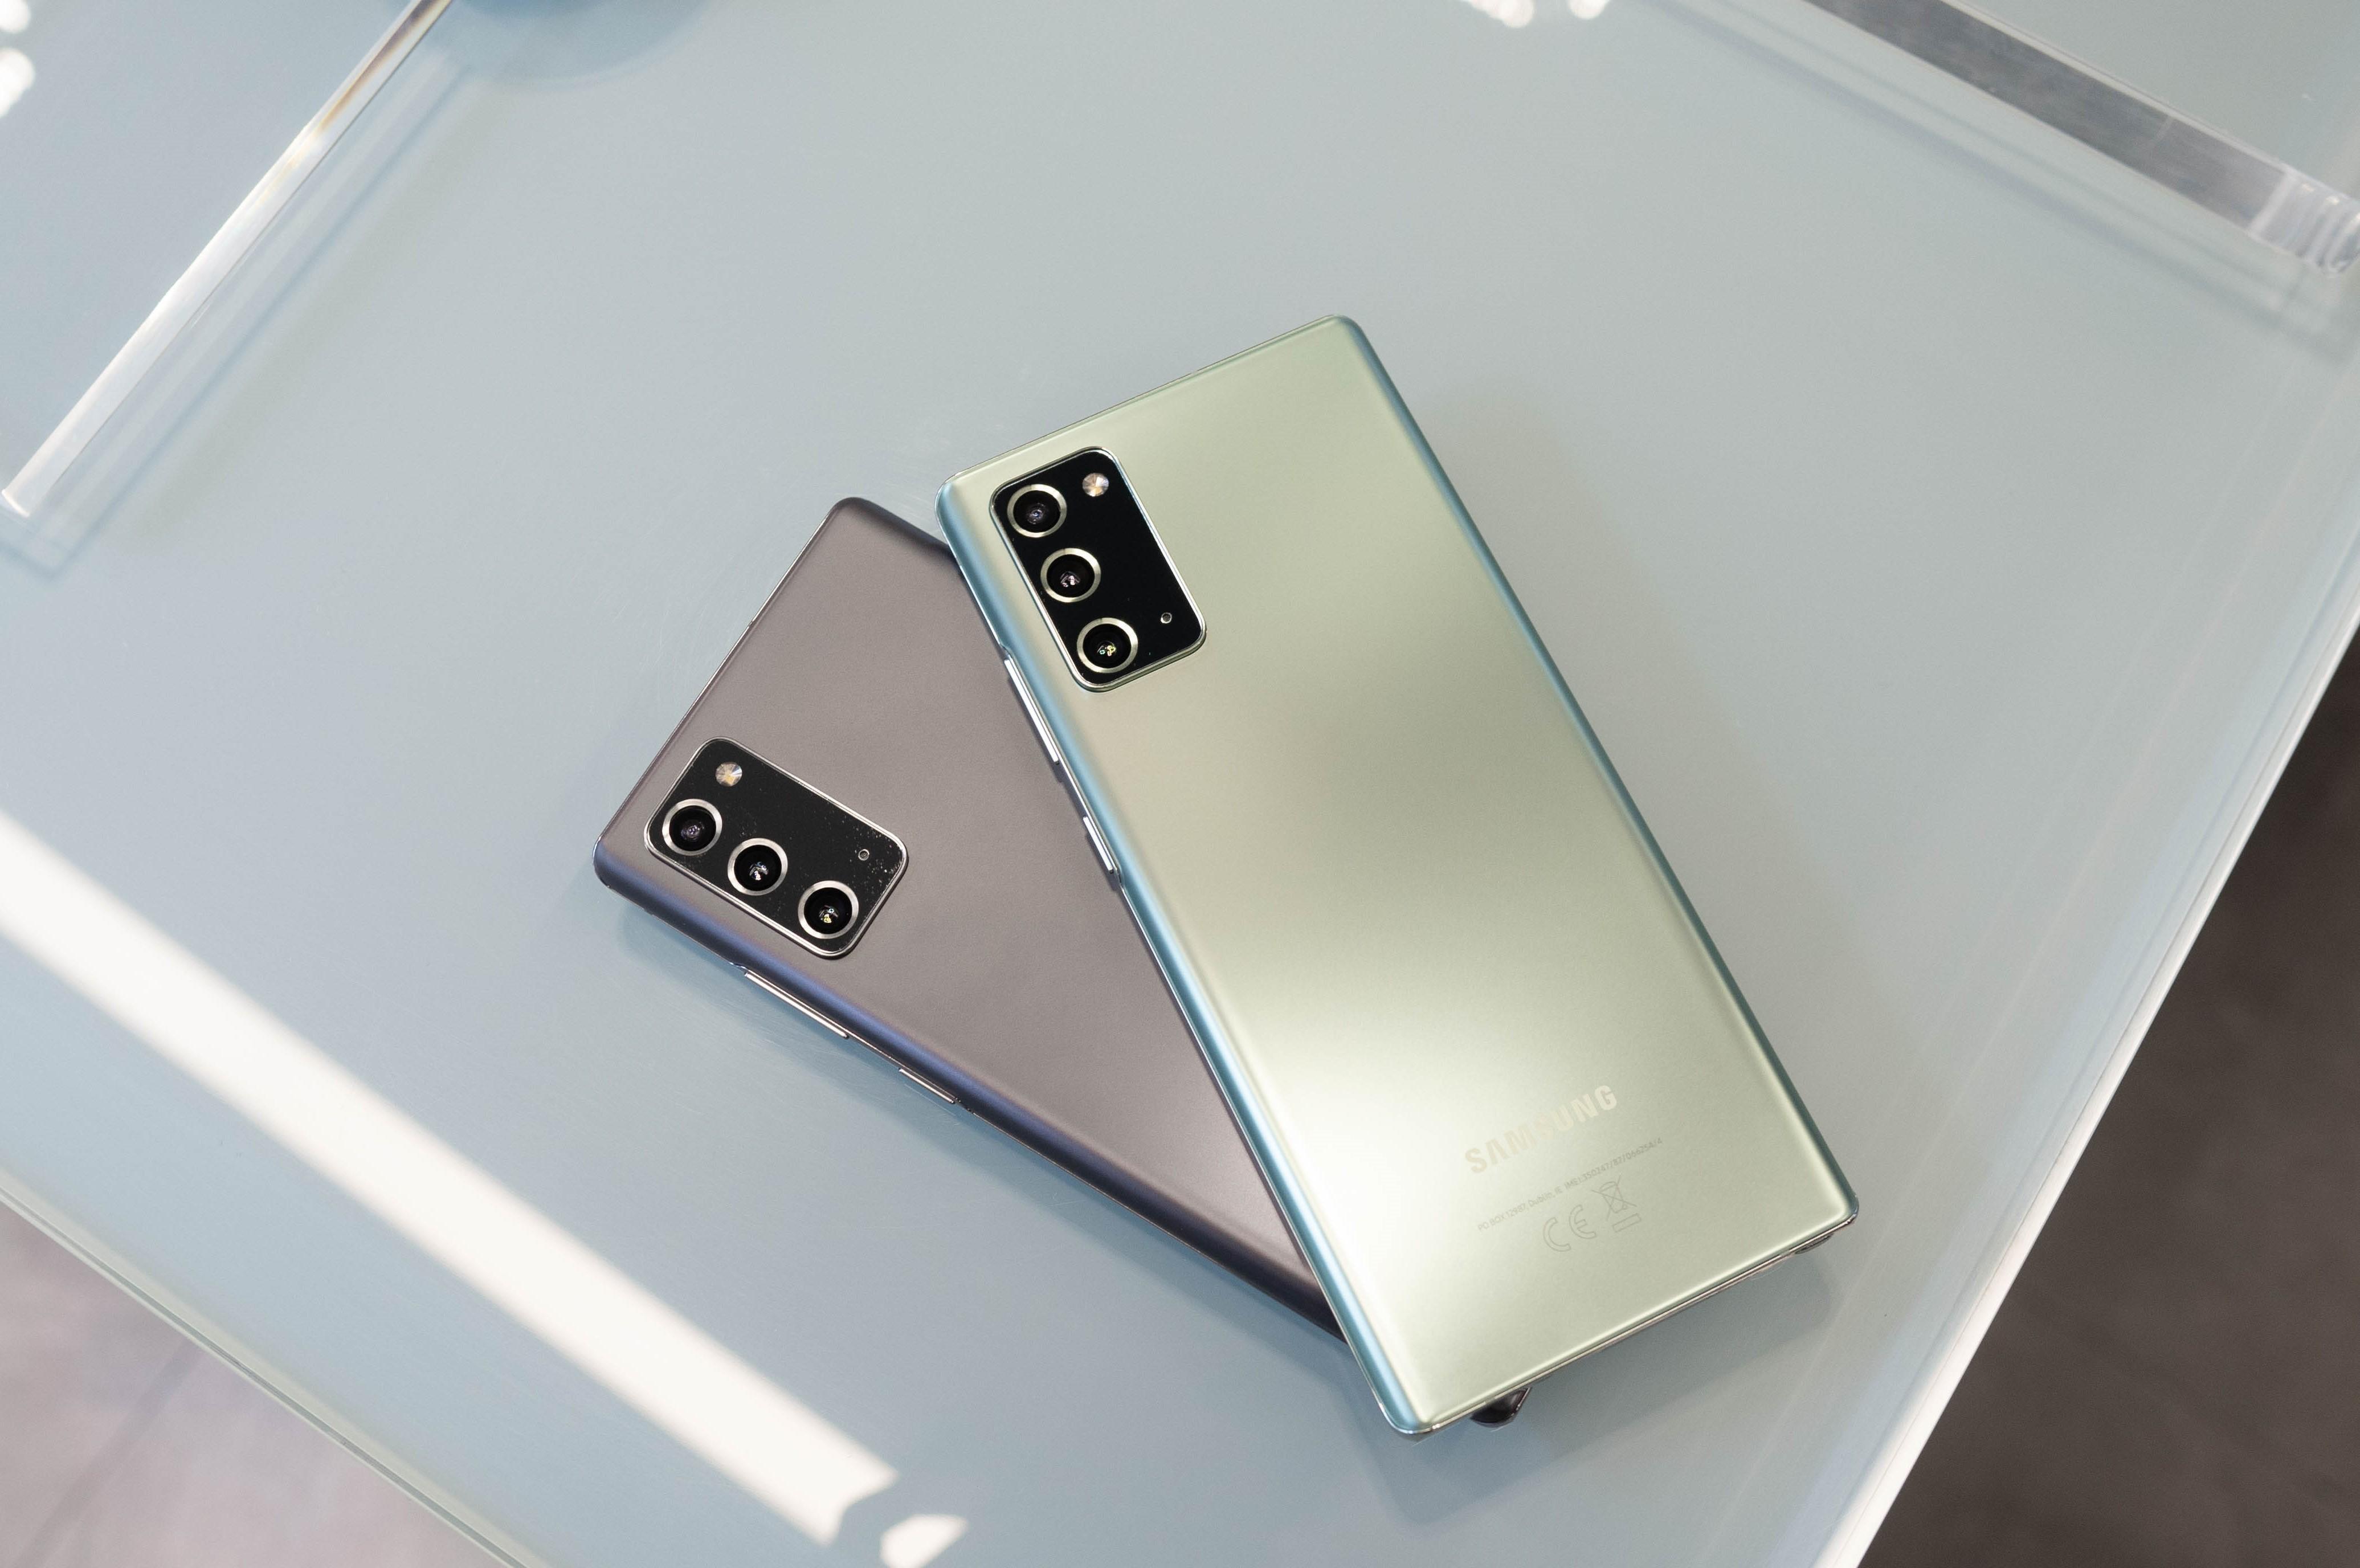 Bán lẻ đua kích cầu cho khách đặt trước Samsung Note 20 series - Ảnh 2.